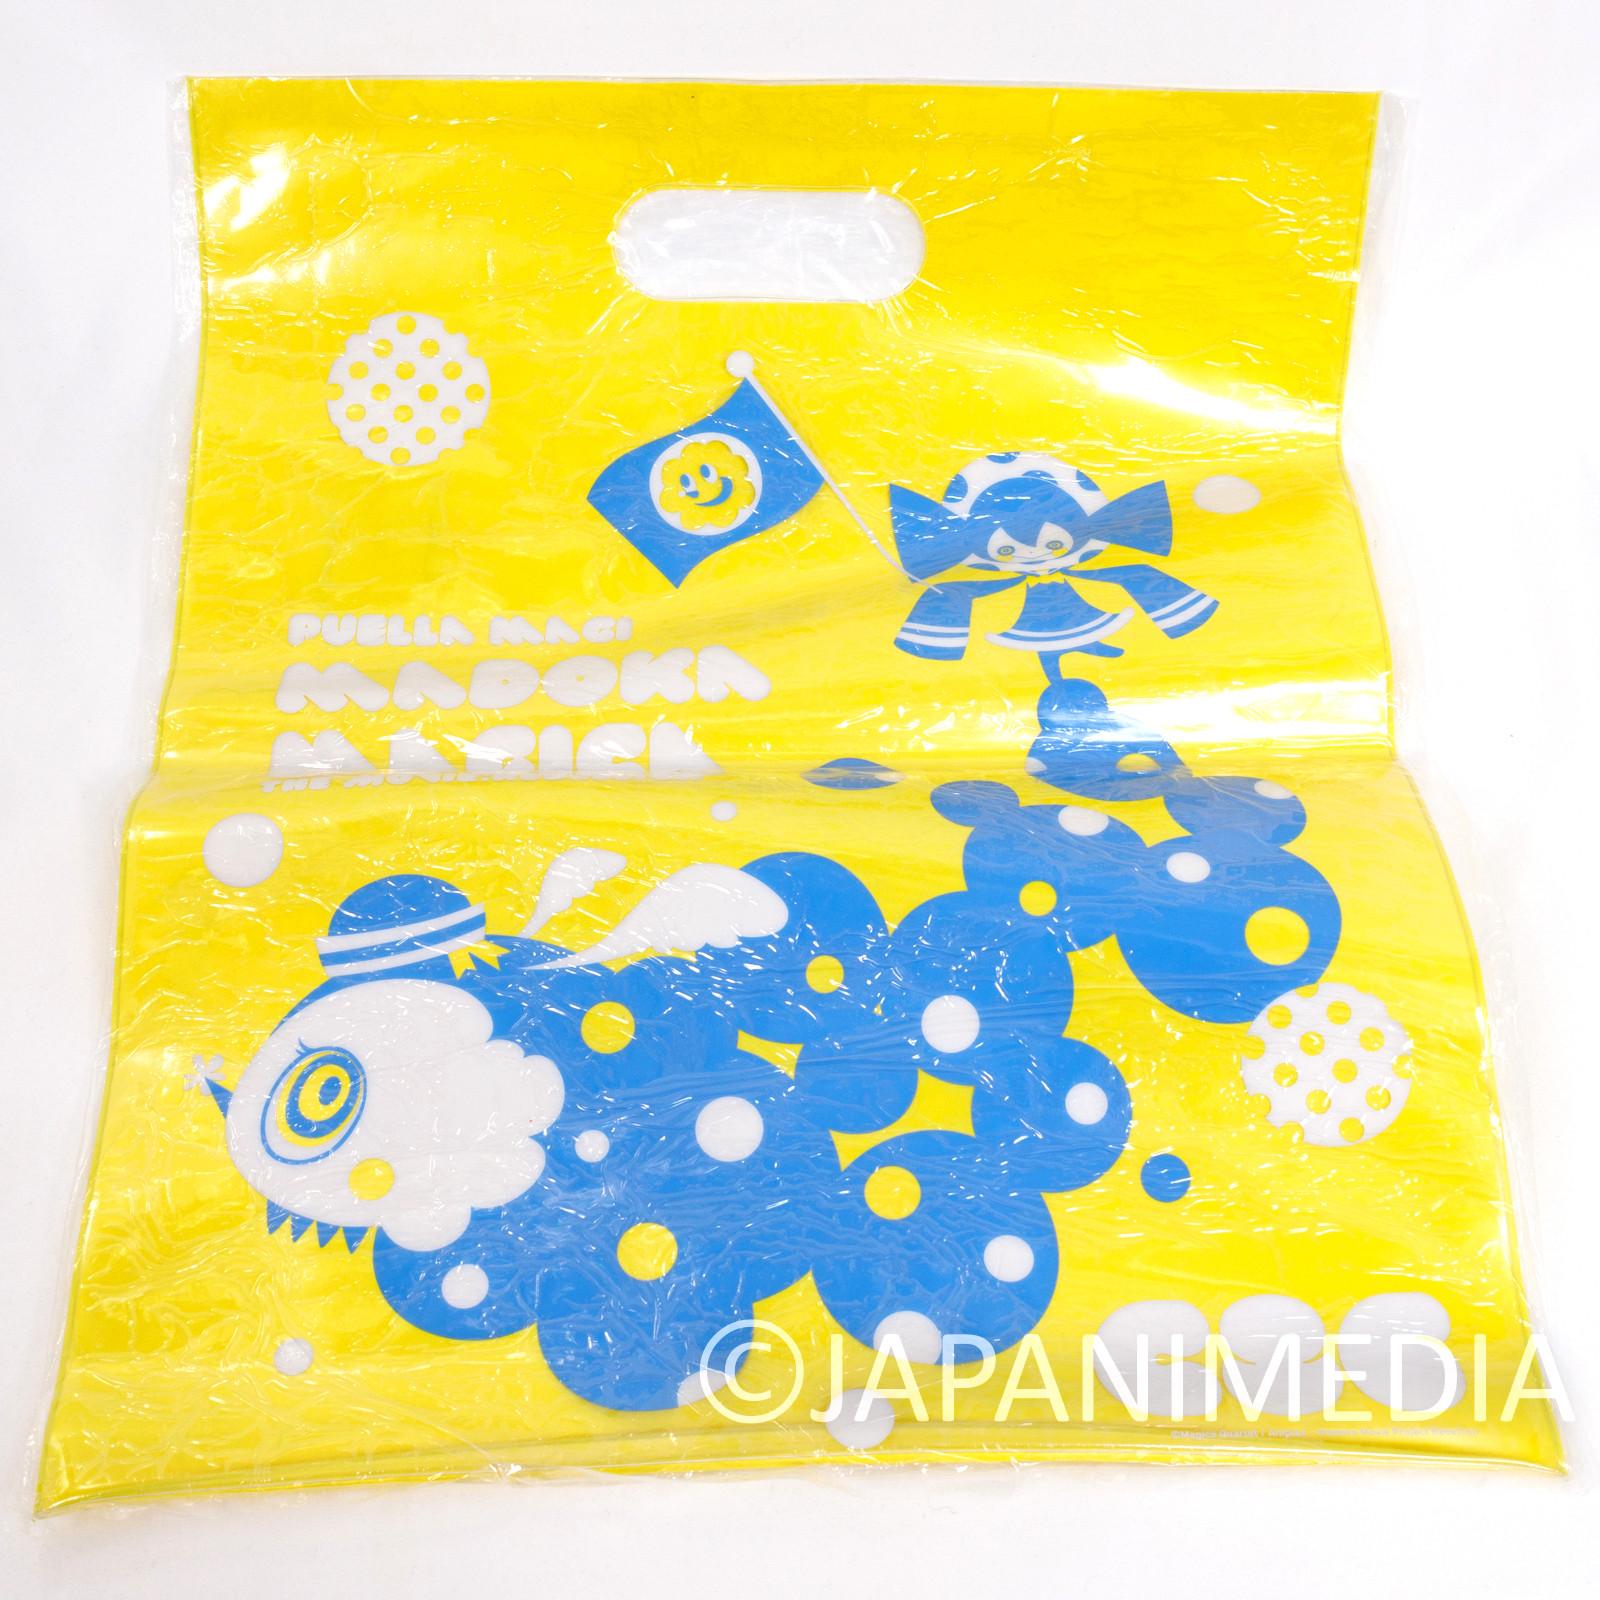 Puella Magi Madoka Magica Magiccraft Charlotte Bebe Vinyl Bag 18x15inch